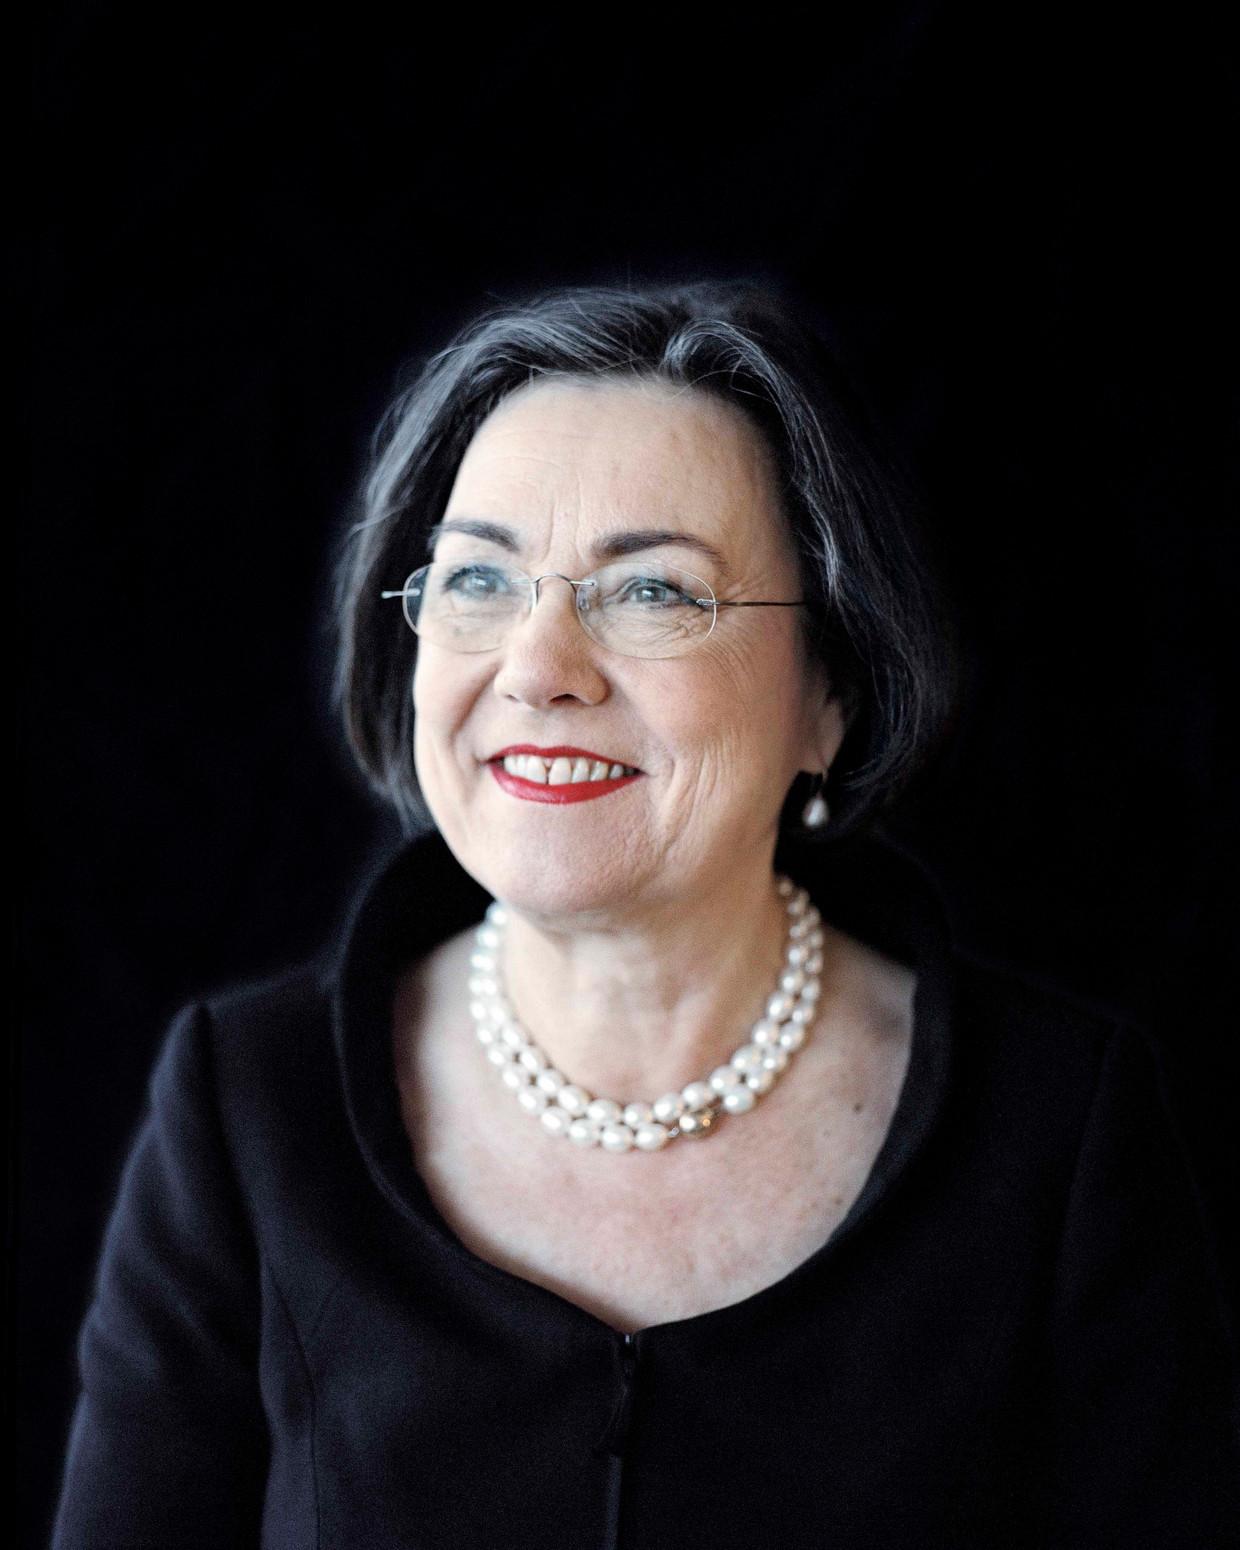 Gerdi Verbeet is sinds 2015 voorzitter van het Nationaal Comité 4 en 5 mei. Tussen 2006 en 2012 was ze voorzitter van de Tweede Kamer